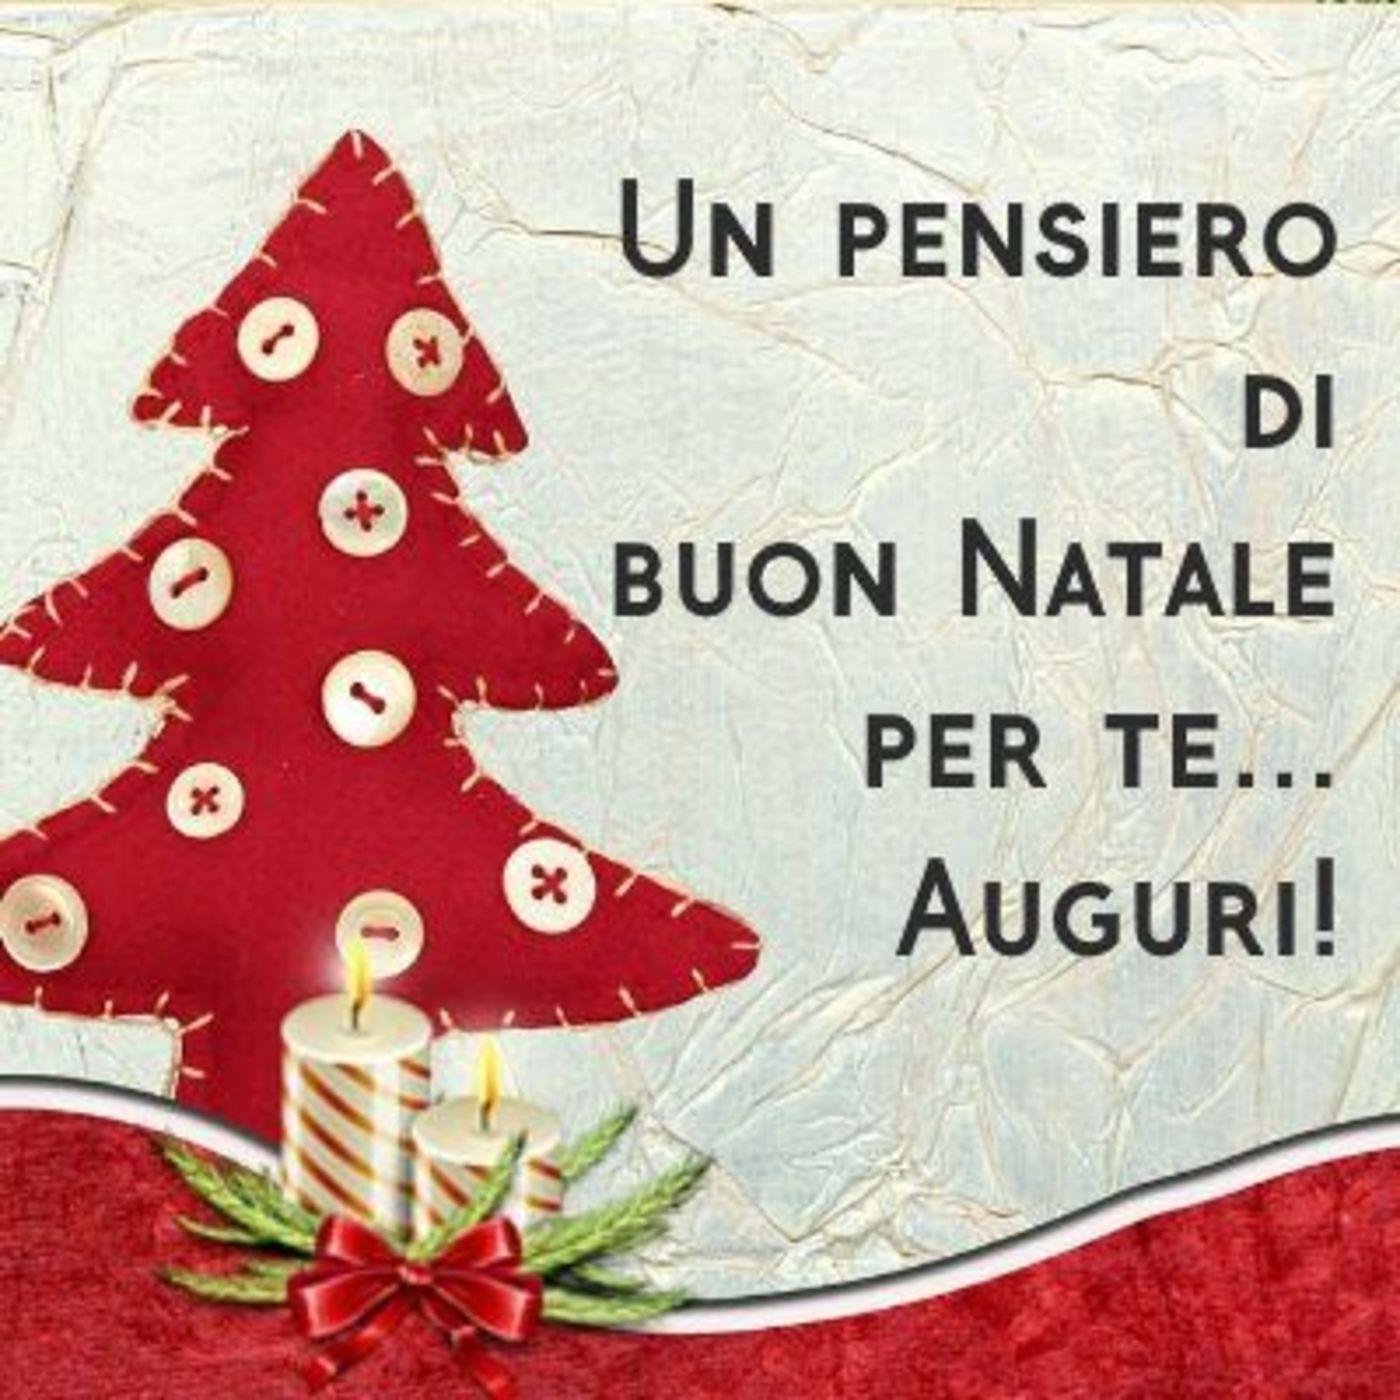 Auguri Di Natale Per Amica Del Cuore.Buon Natale Immagini Facebook 4146 Christmas Wishes Christmas Tree Skirt Christmas Ornaments